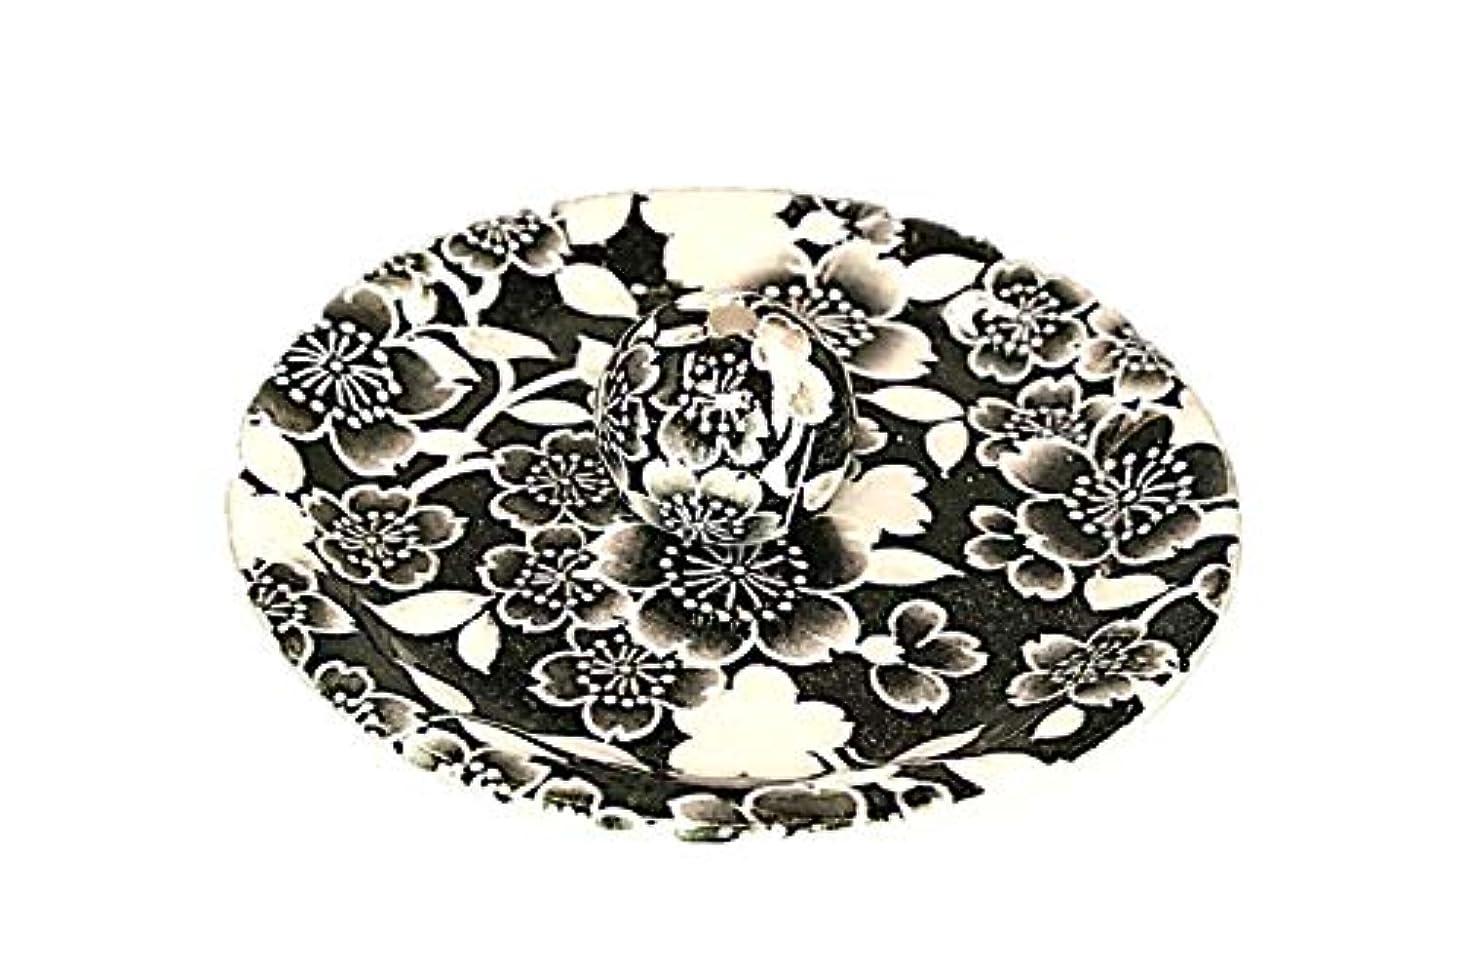 架空の汚れる接辞9-35 桜友禅 黒 9cm香皿 お香立て お香たて 陶器 日本製 製造?直売品